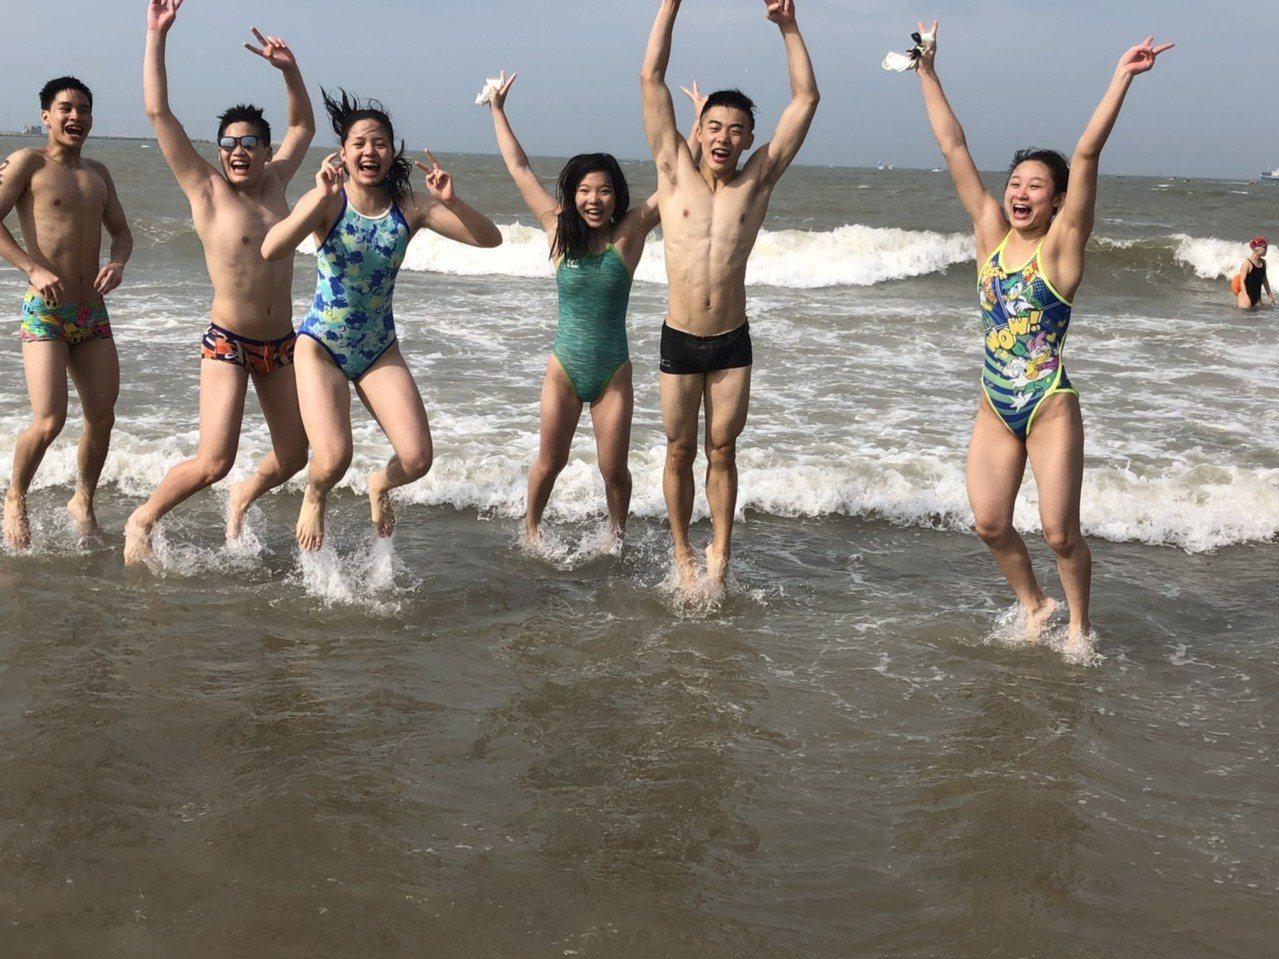 邁入第17年的「搶灘料羅灣海泳」活動,每年都吸引兩岸四地上千名遊客到場參與。記者...